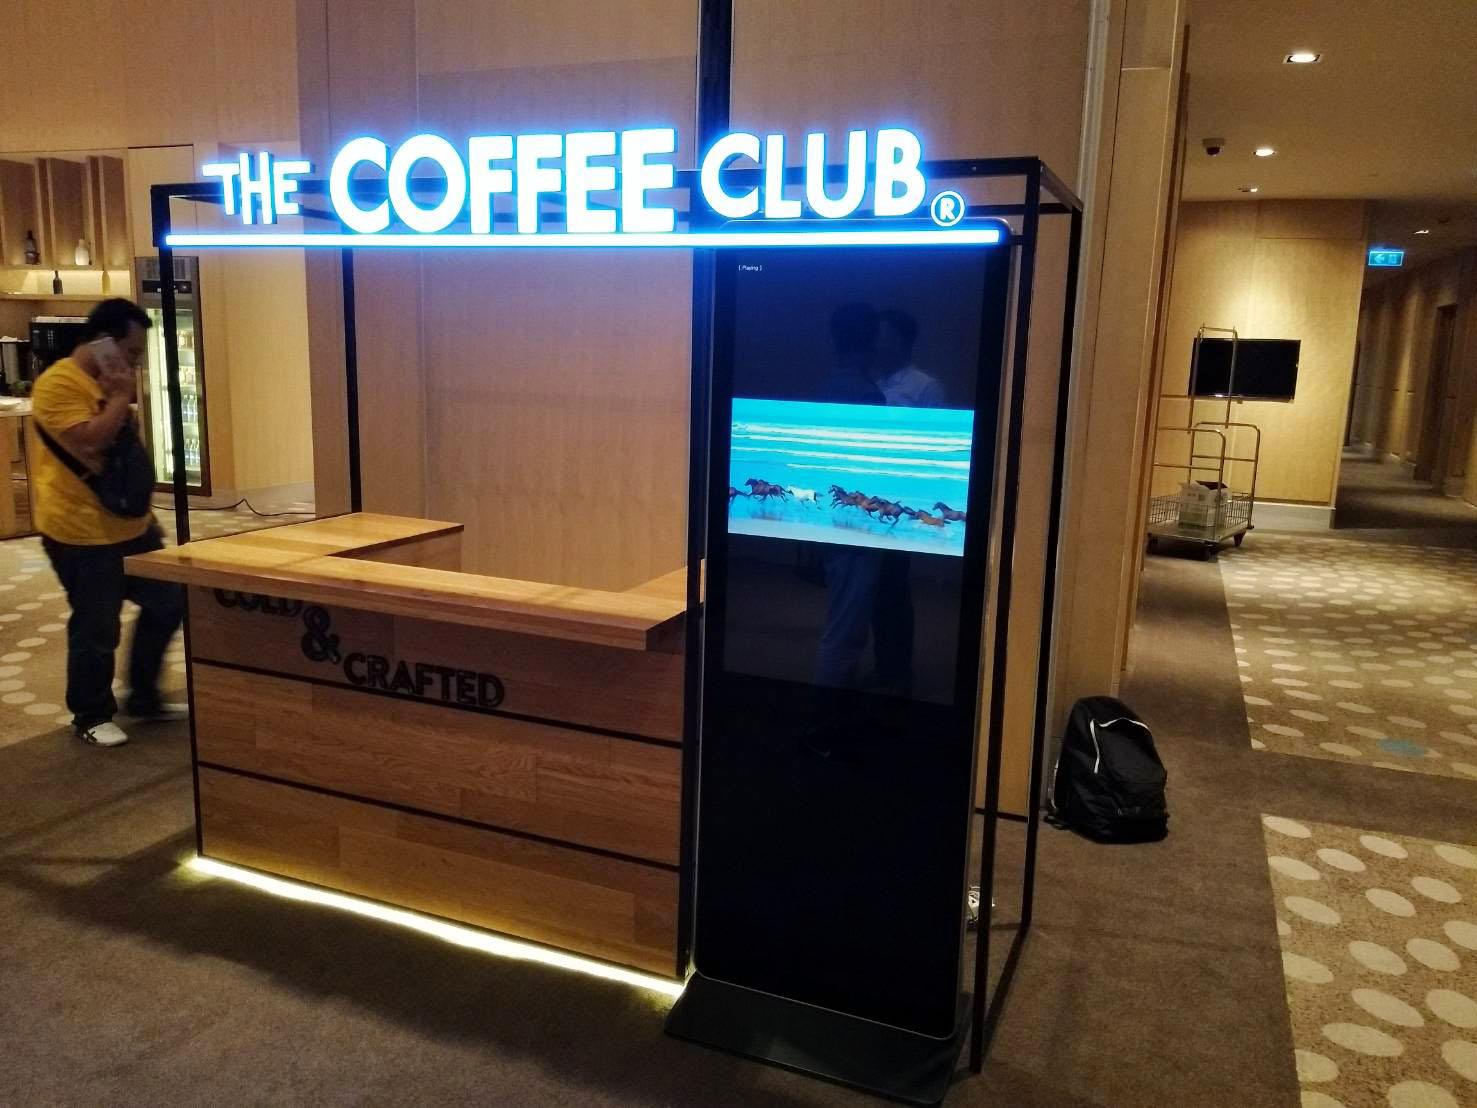 งานเช่า Kiosk 43'' The Coffee Club (Avani)